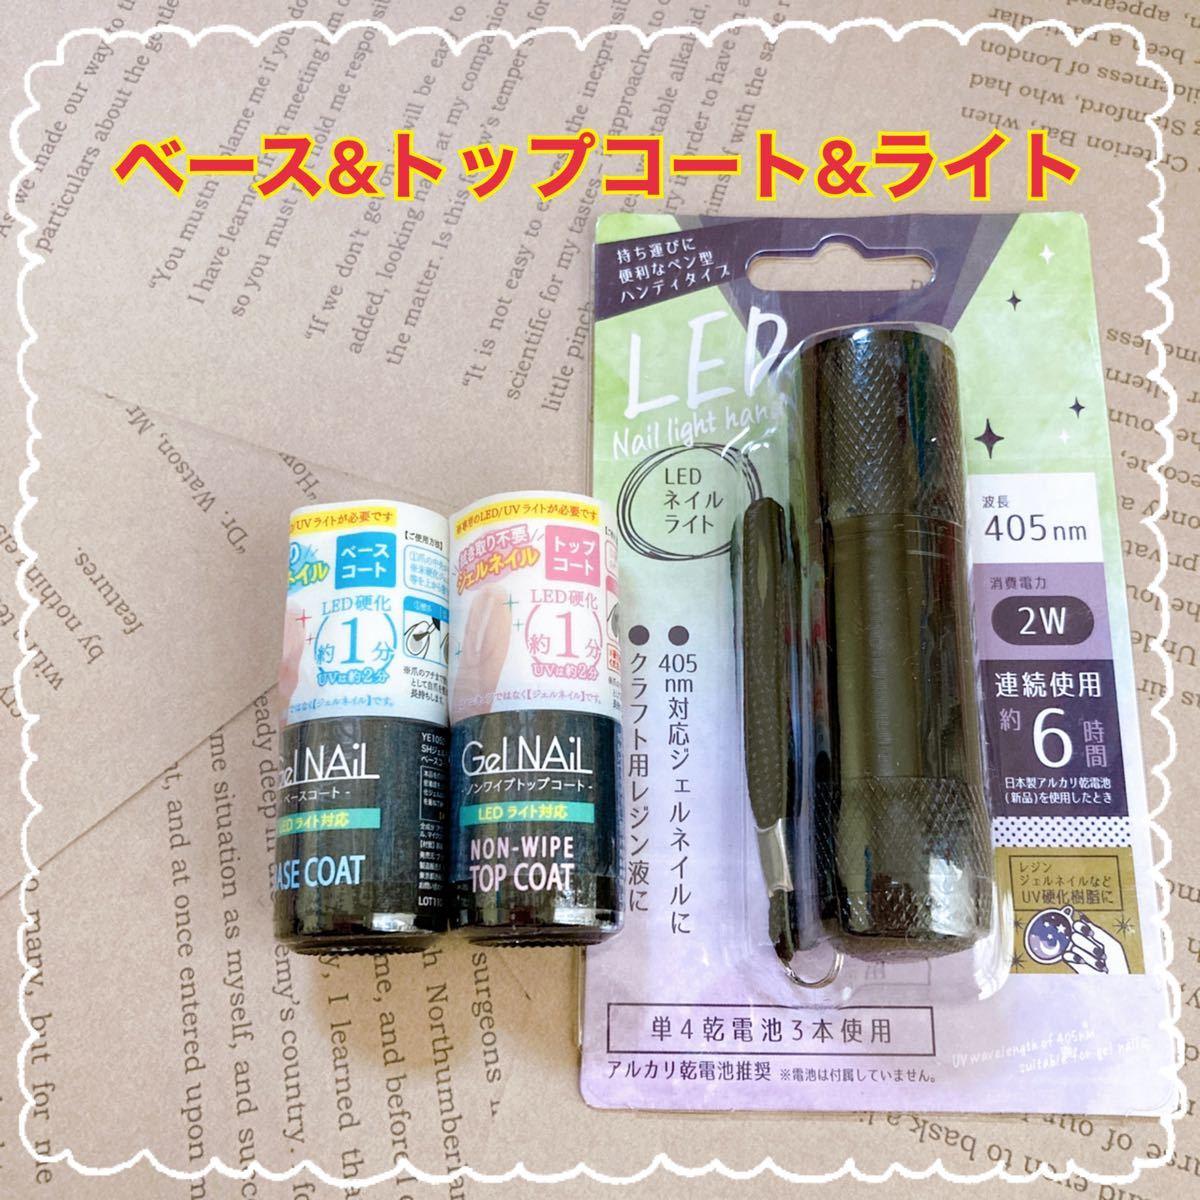 大人気!売切れ商品 セリア ジェルネイル UVライト トップコート ベース 付きですぐ使用可能!